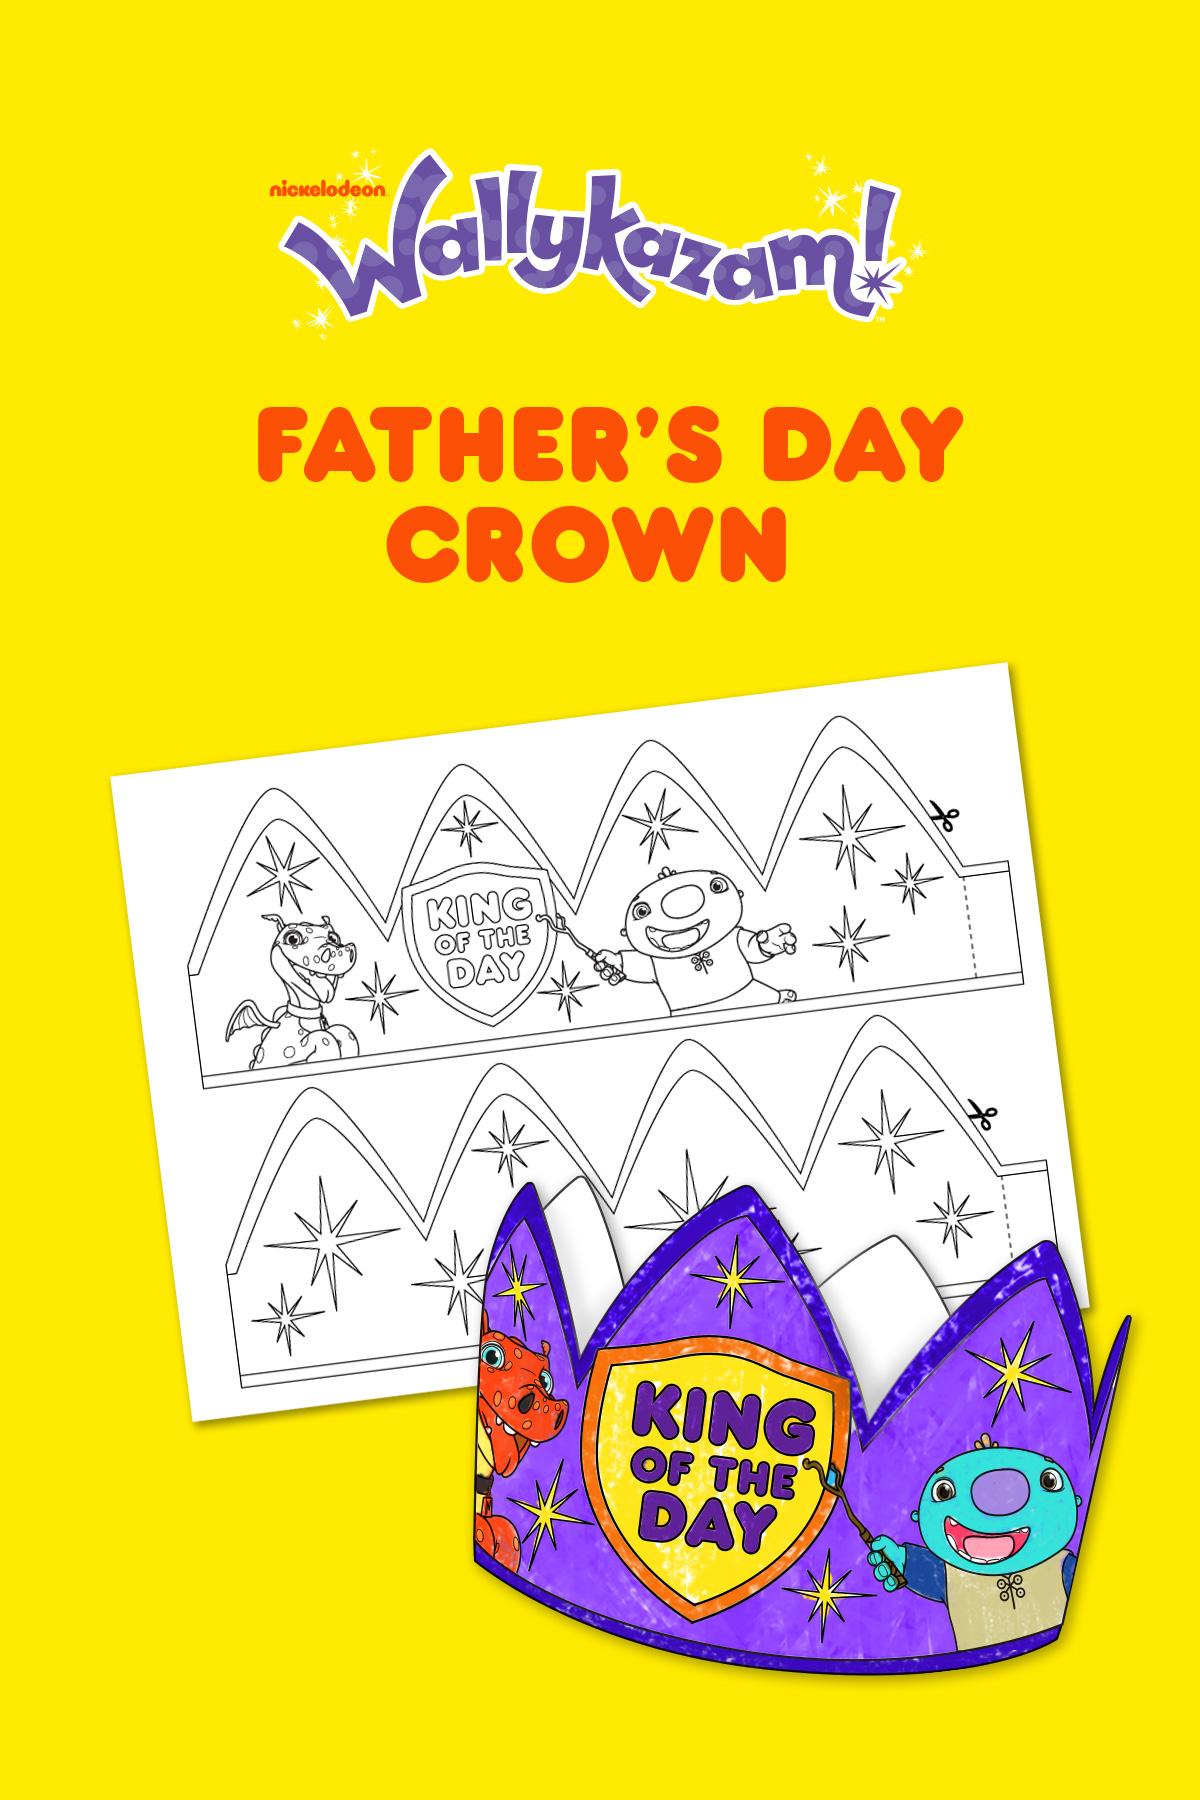 Wallykazam fathers day crown